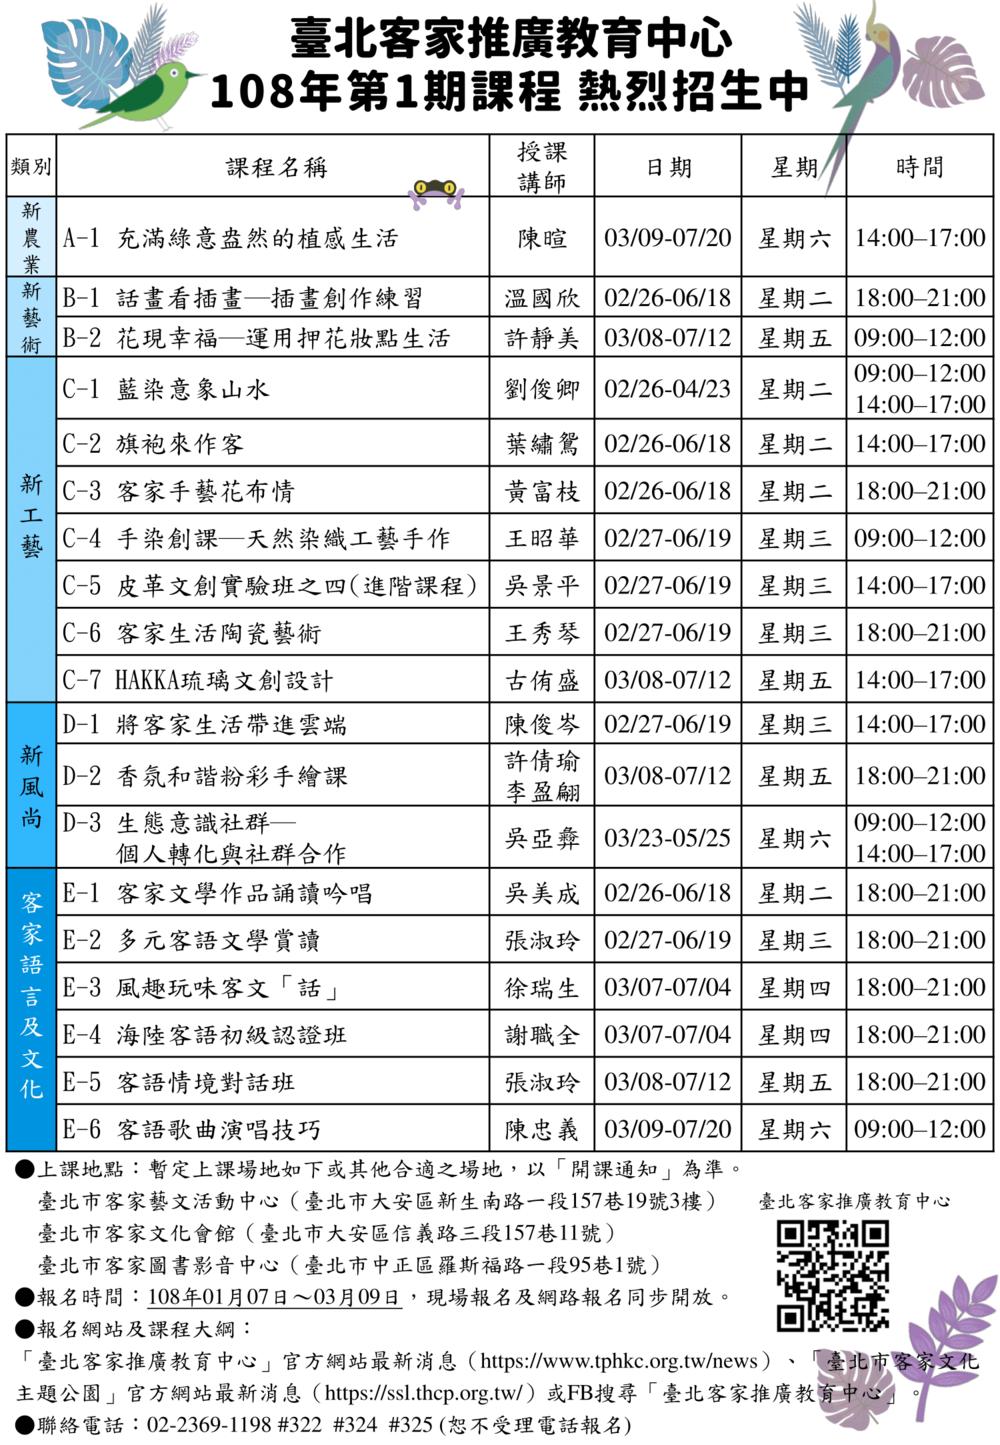 108-1課程總表1208-1.png